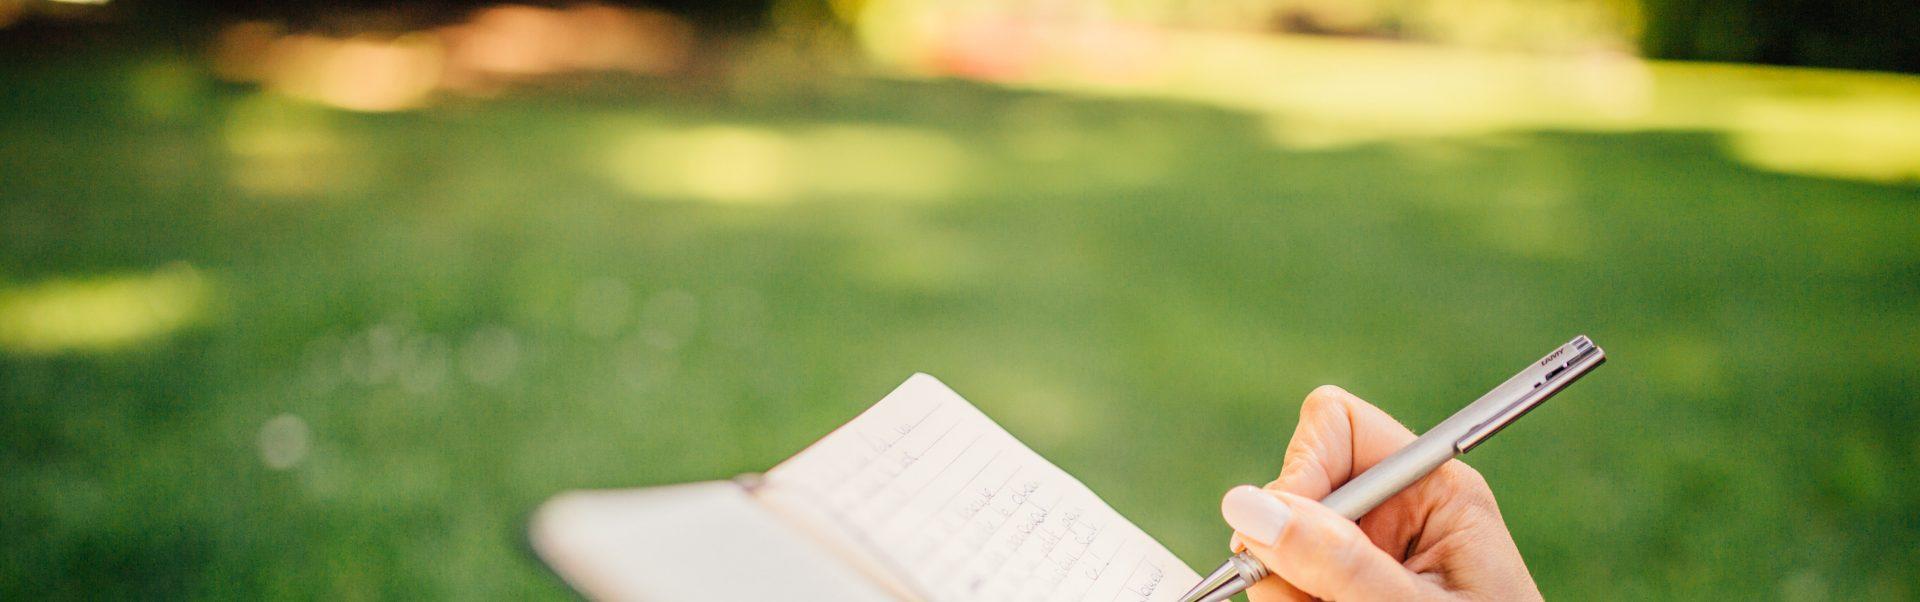 woman writing SMARTER goals